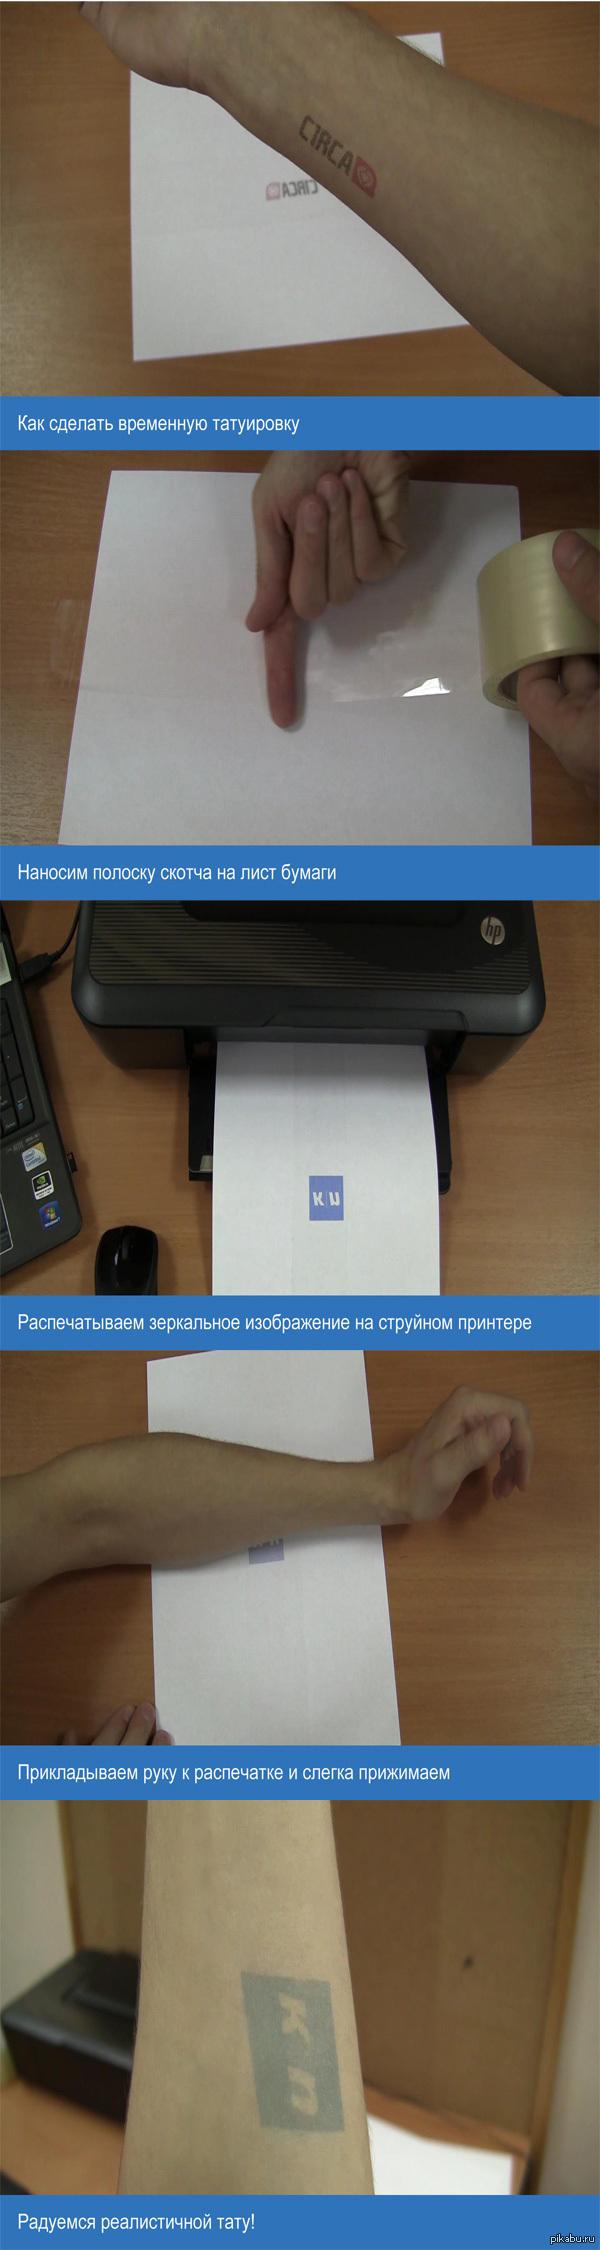 Как сделать временное тату при помощи принтера